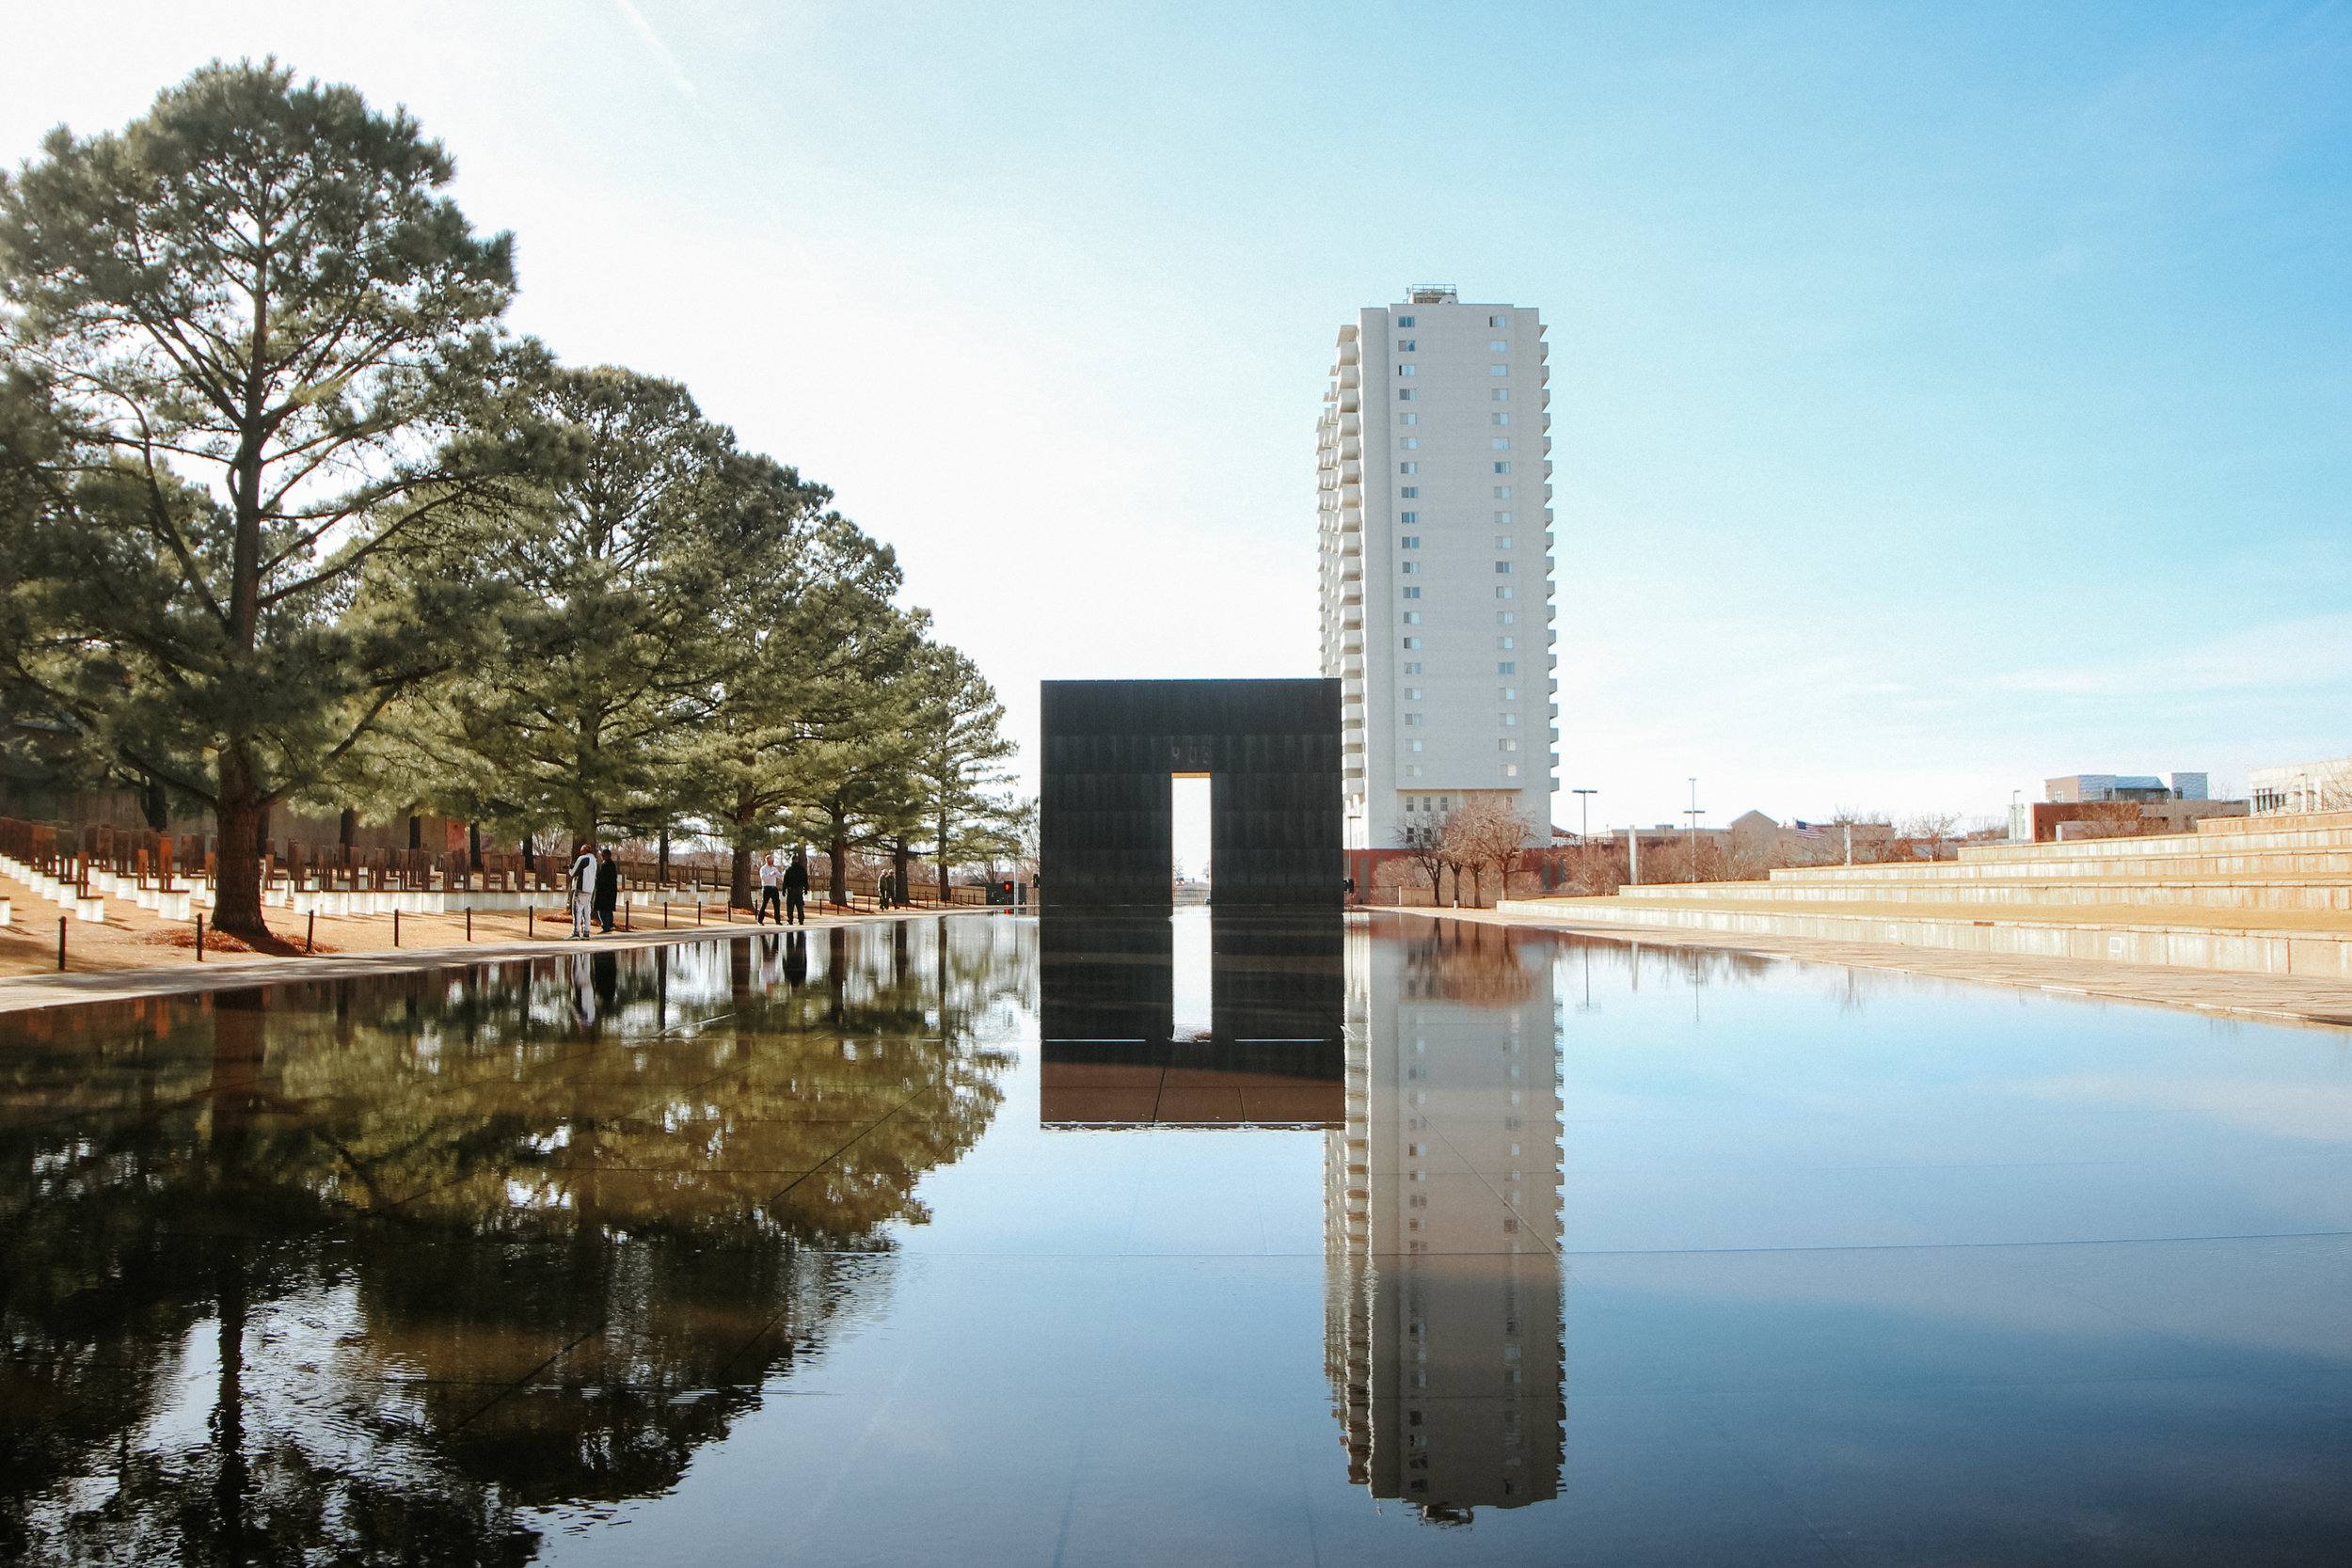 Reflection pools at the Oklahoma City National Memorial.